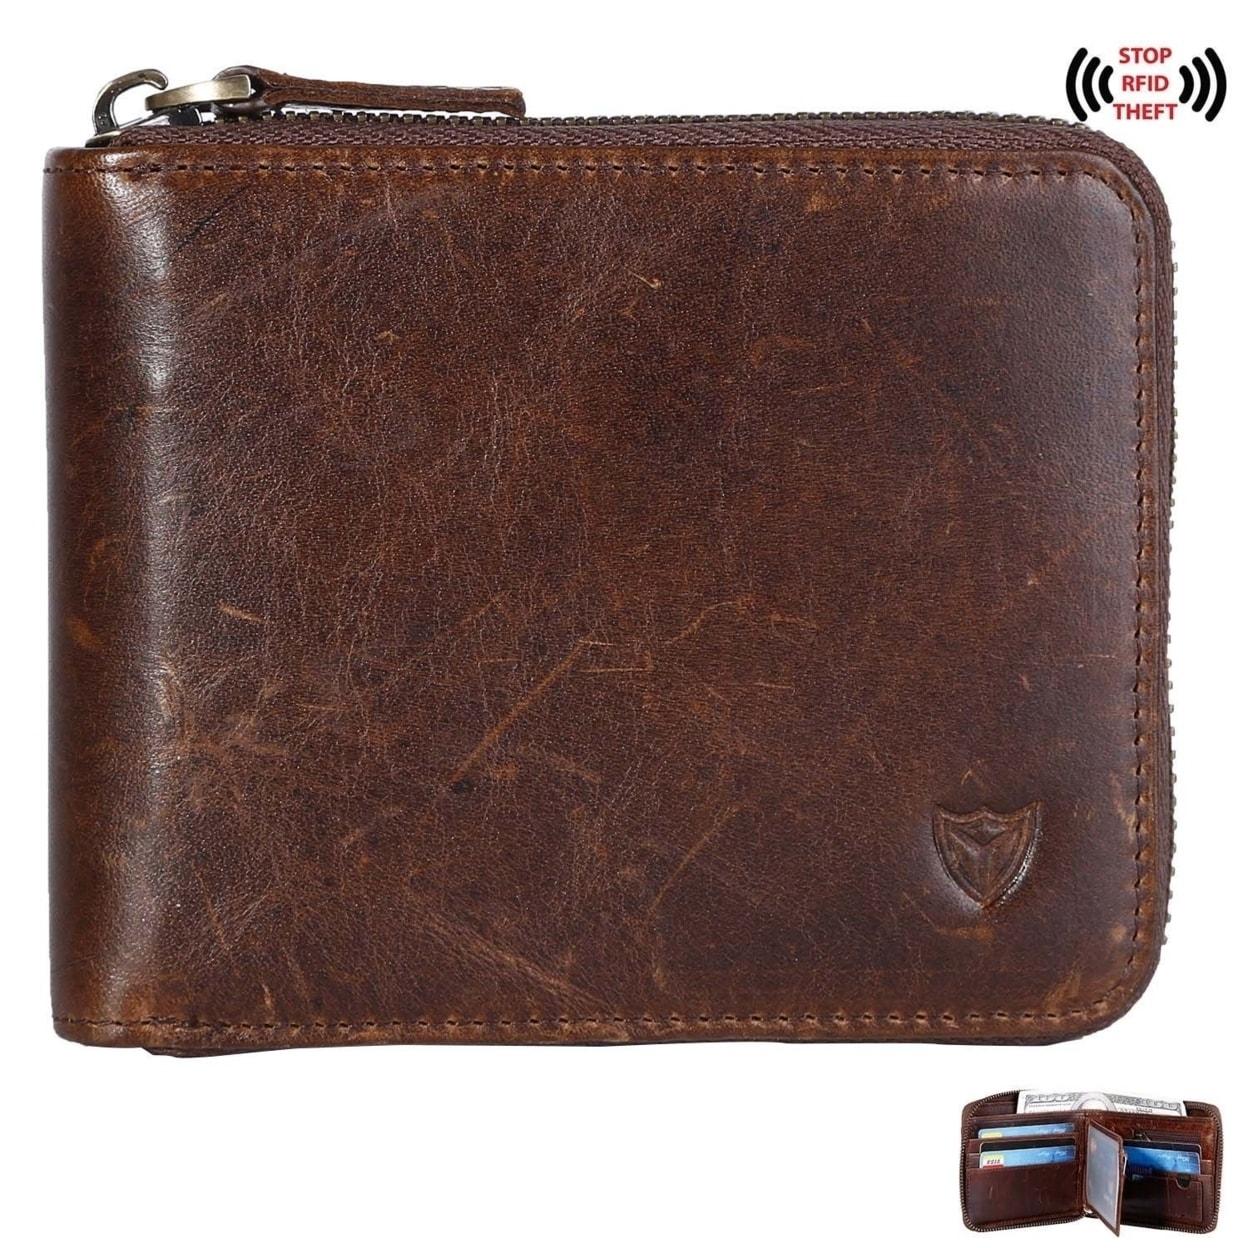 036049c15d682 Rfid Men S Leather Zipper Wallet Zip Around Wallet Bifold Multi Card Holder  Purse